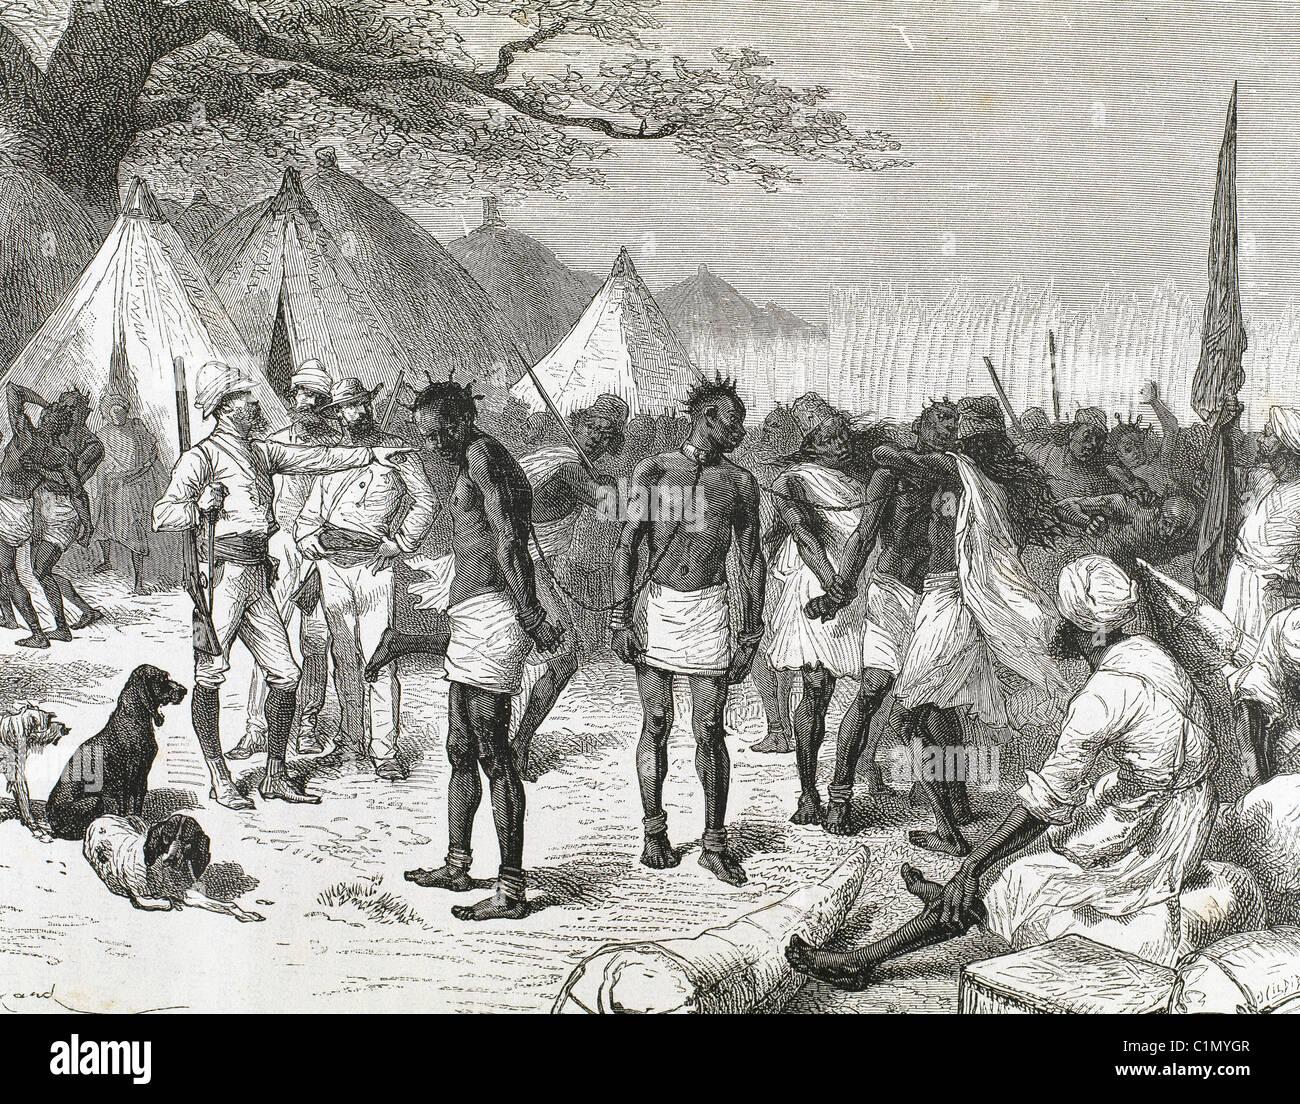 Slave market in Zanzibar. Engraving by Hildebrand (1882). - Stock Image